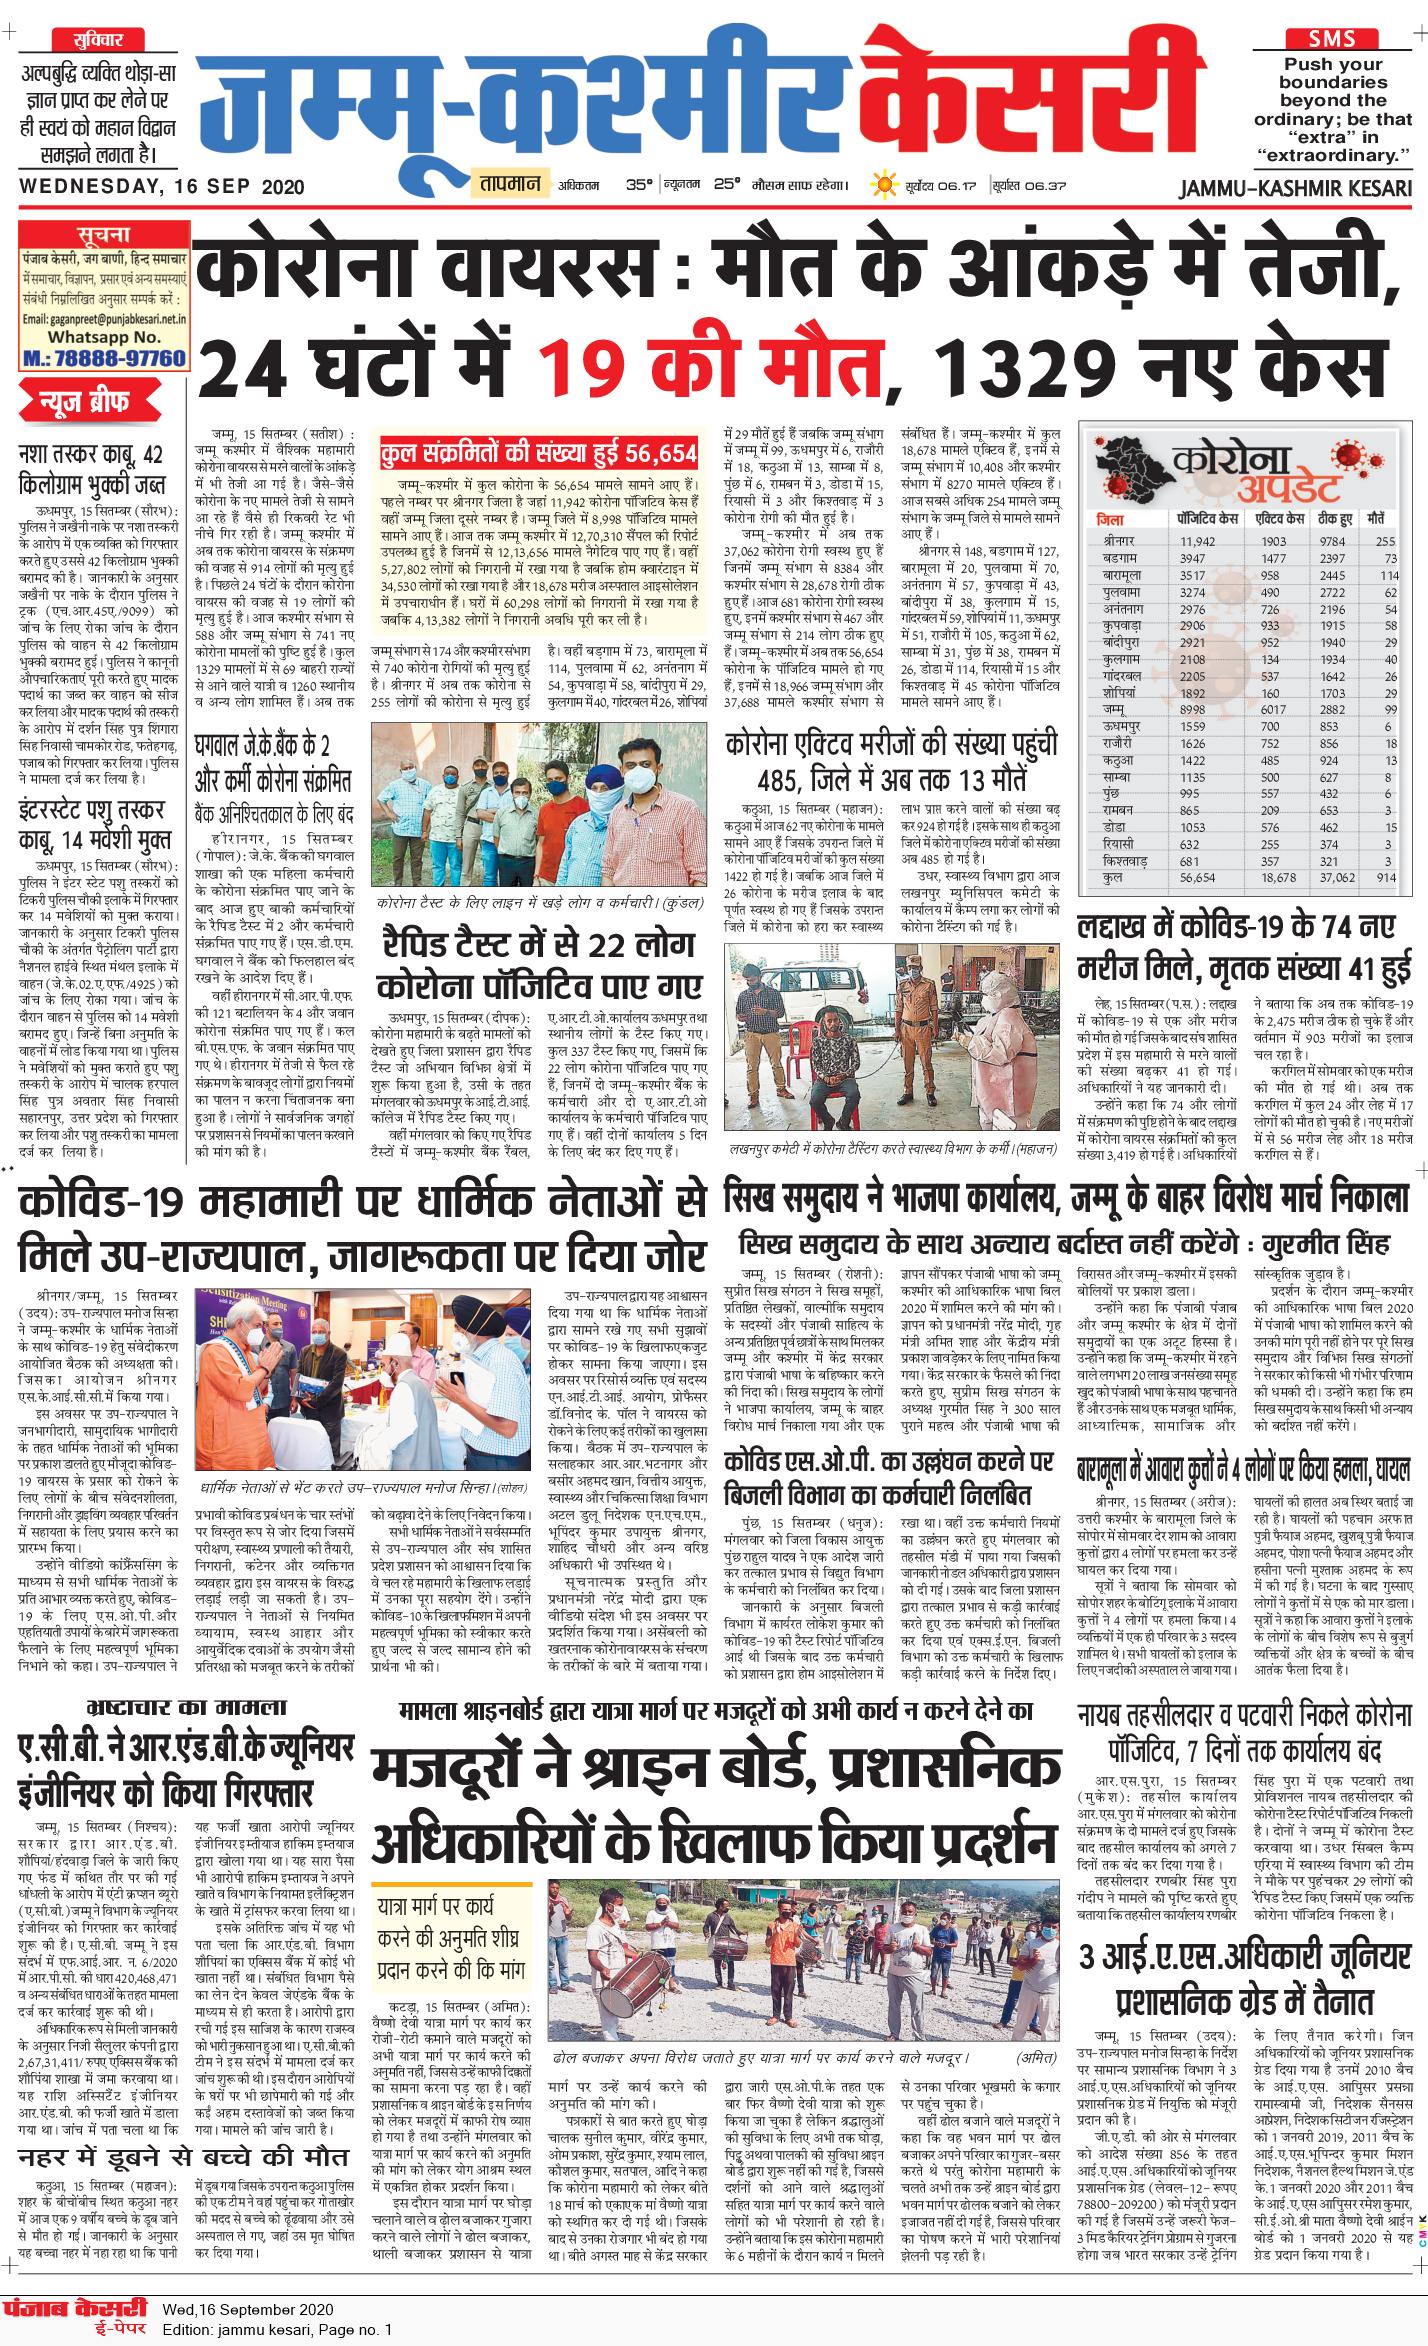 Jammu Kesari 9/16/2020 12:00:00 AM